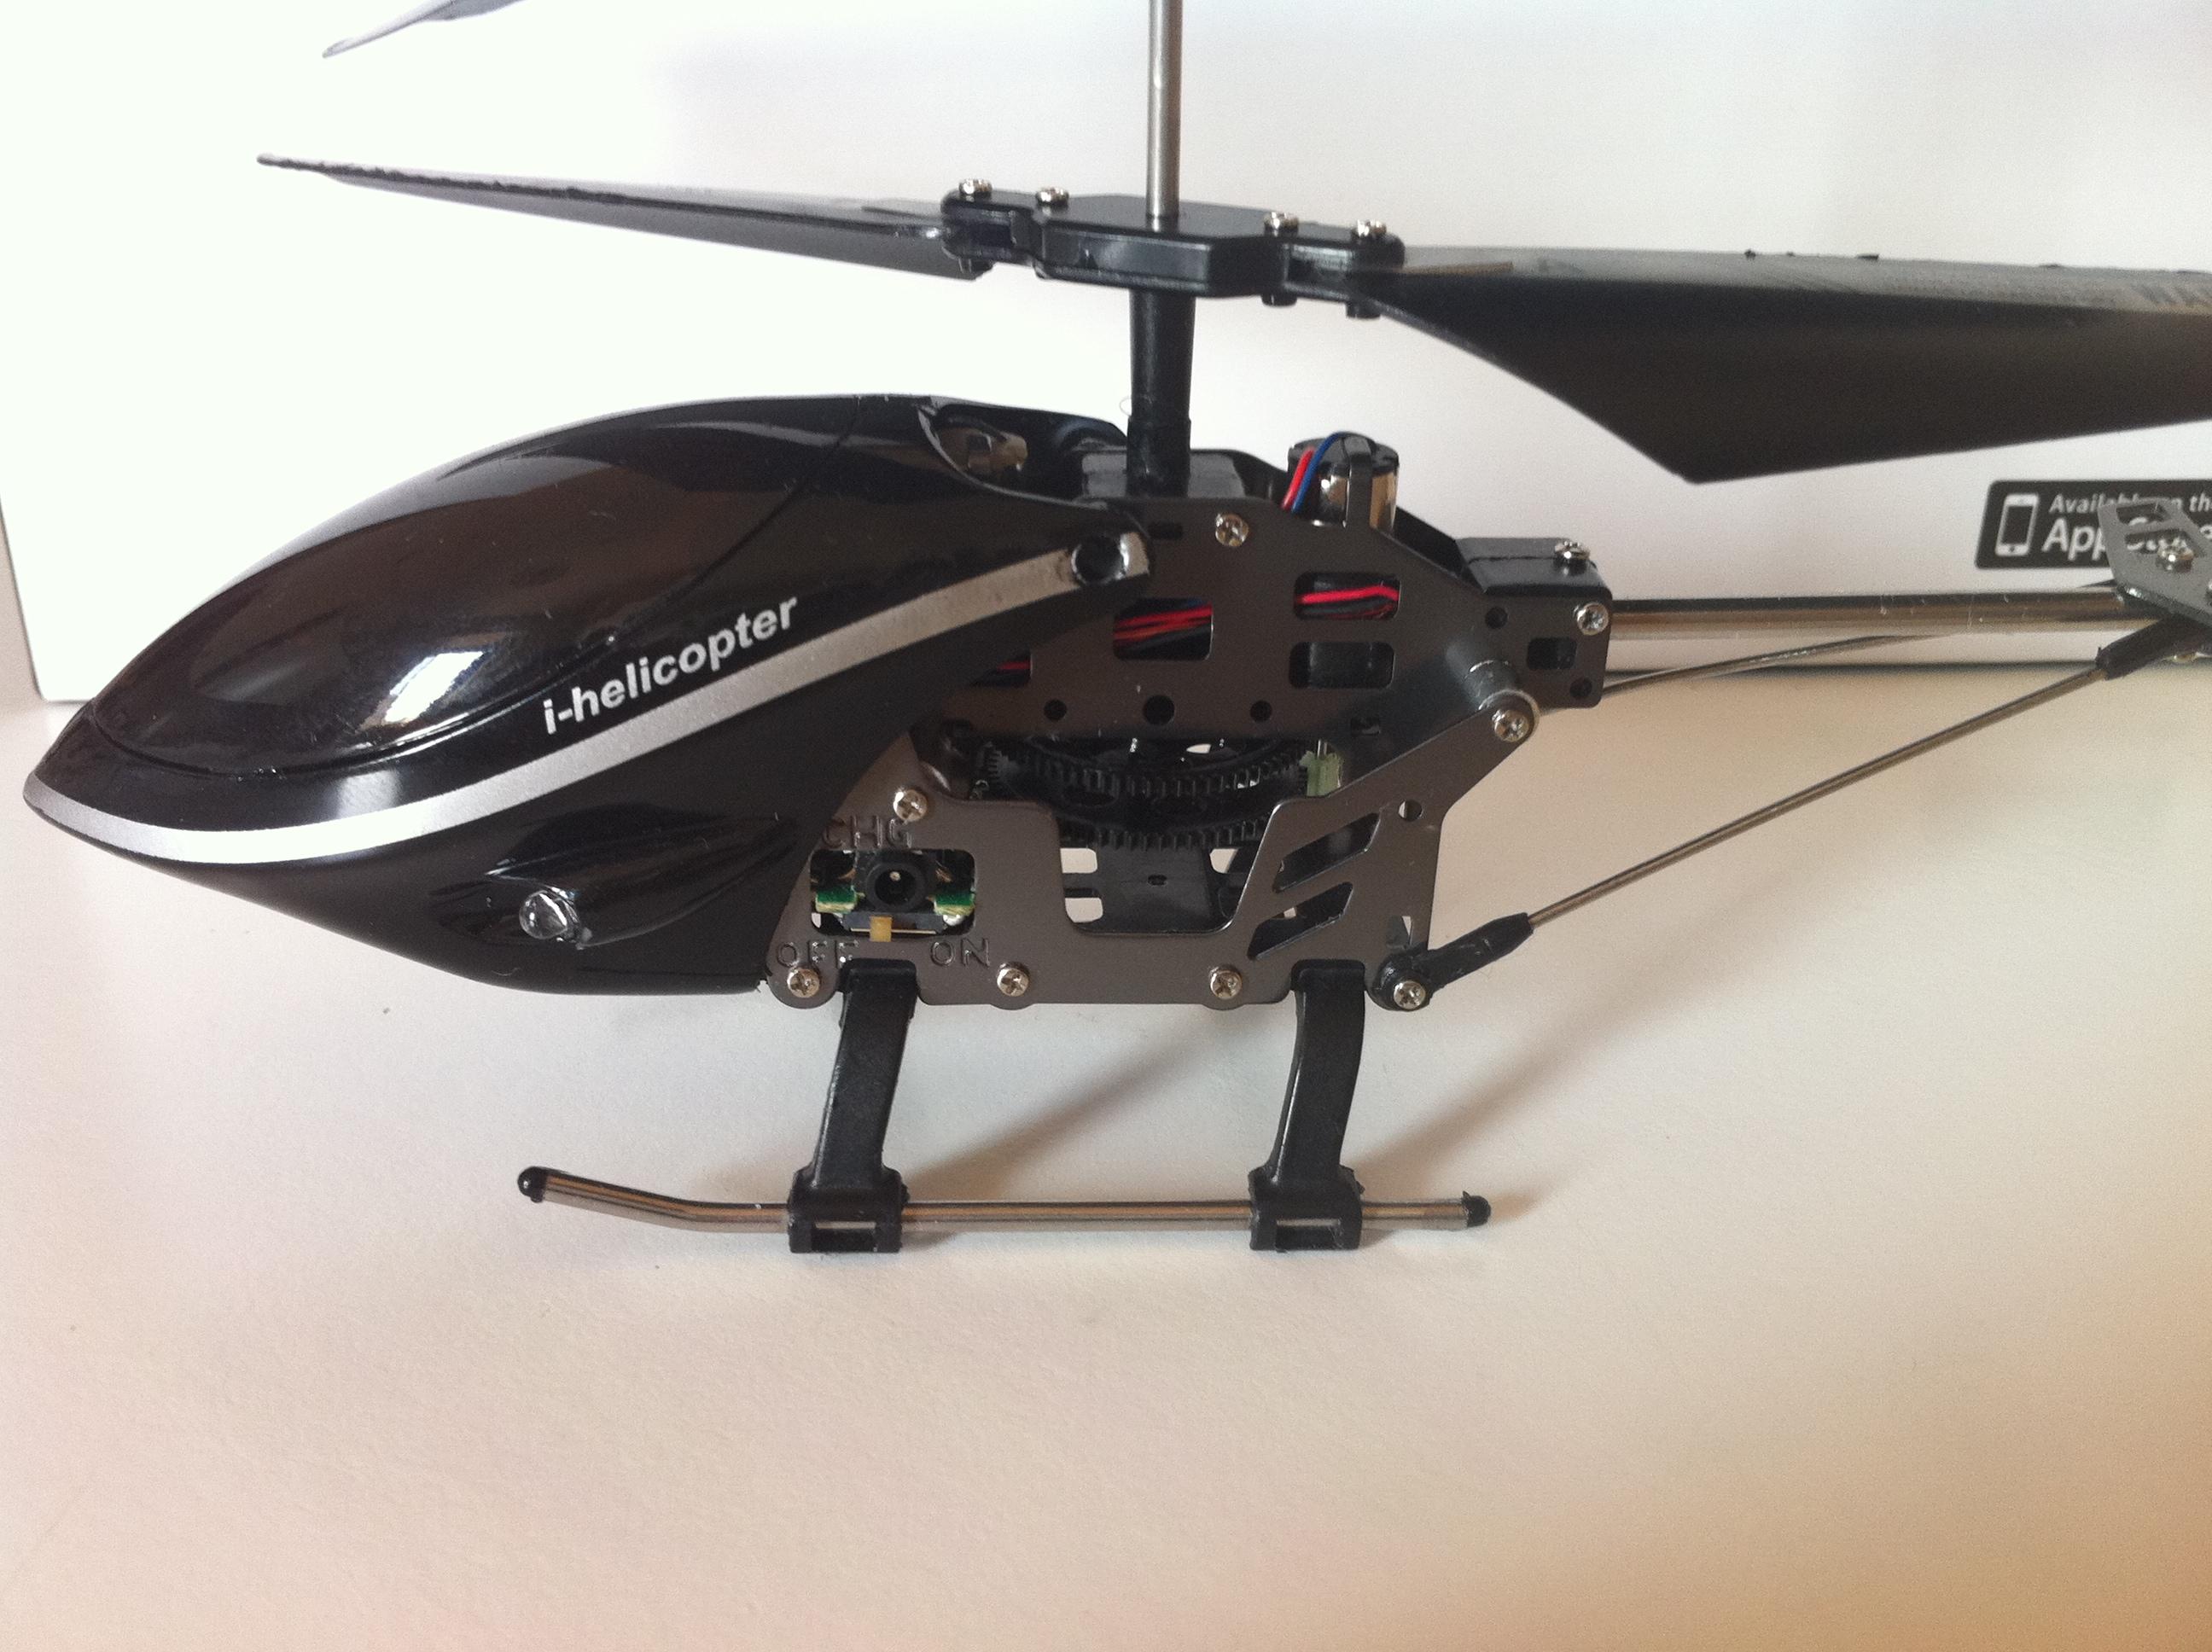 Elicottero Piccolo : Ispazio prova ihelicopter il piccolo elicottero